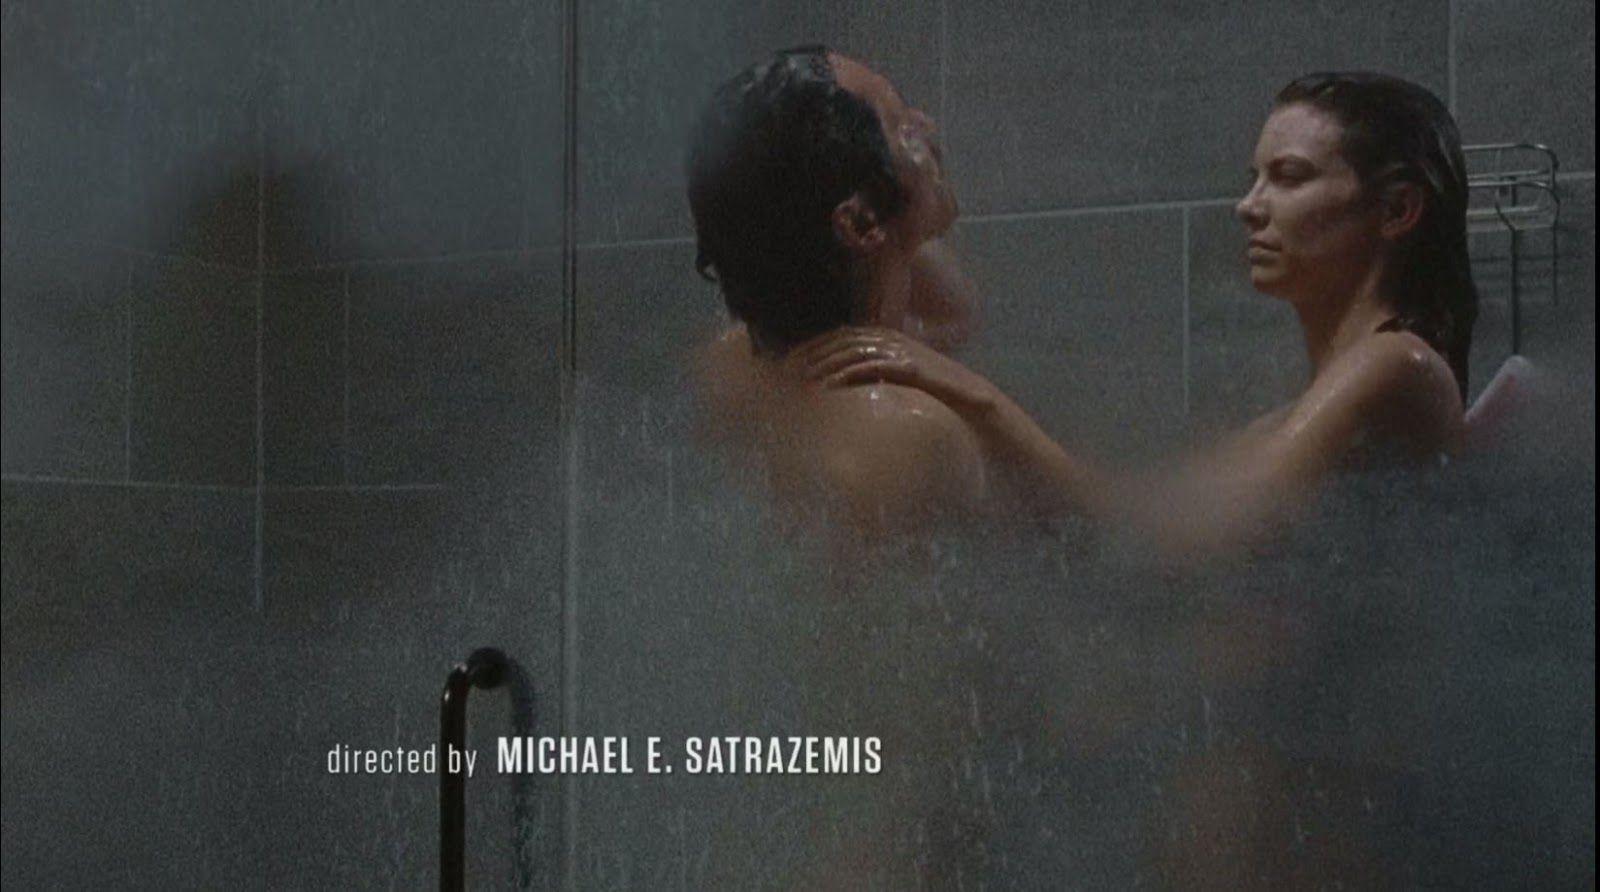 Glenn and maggie shower